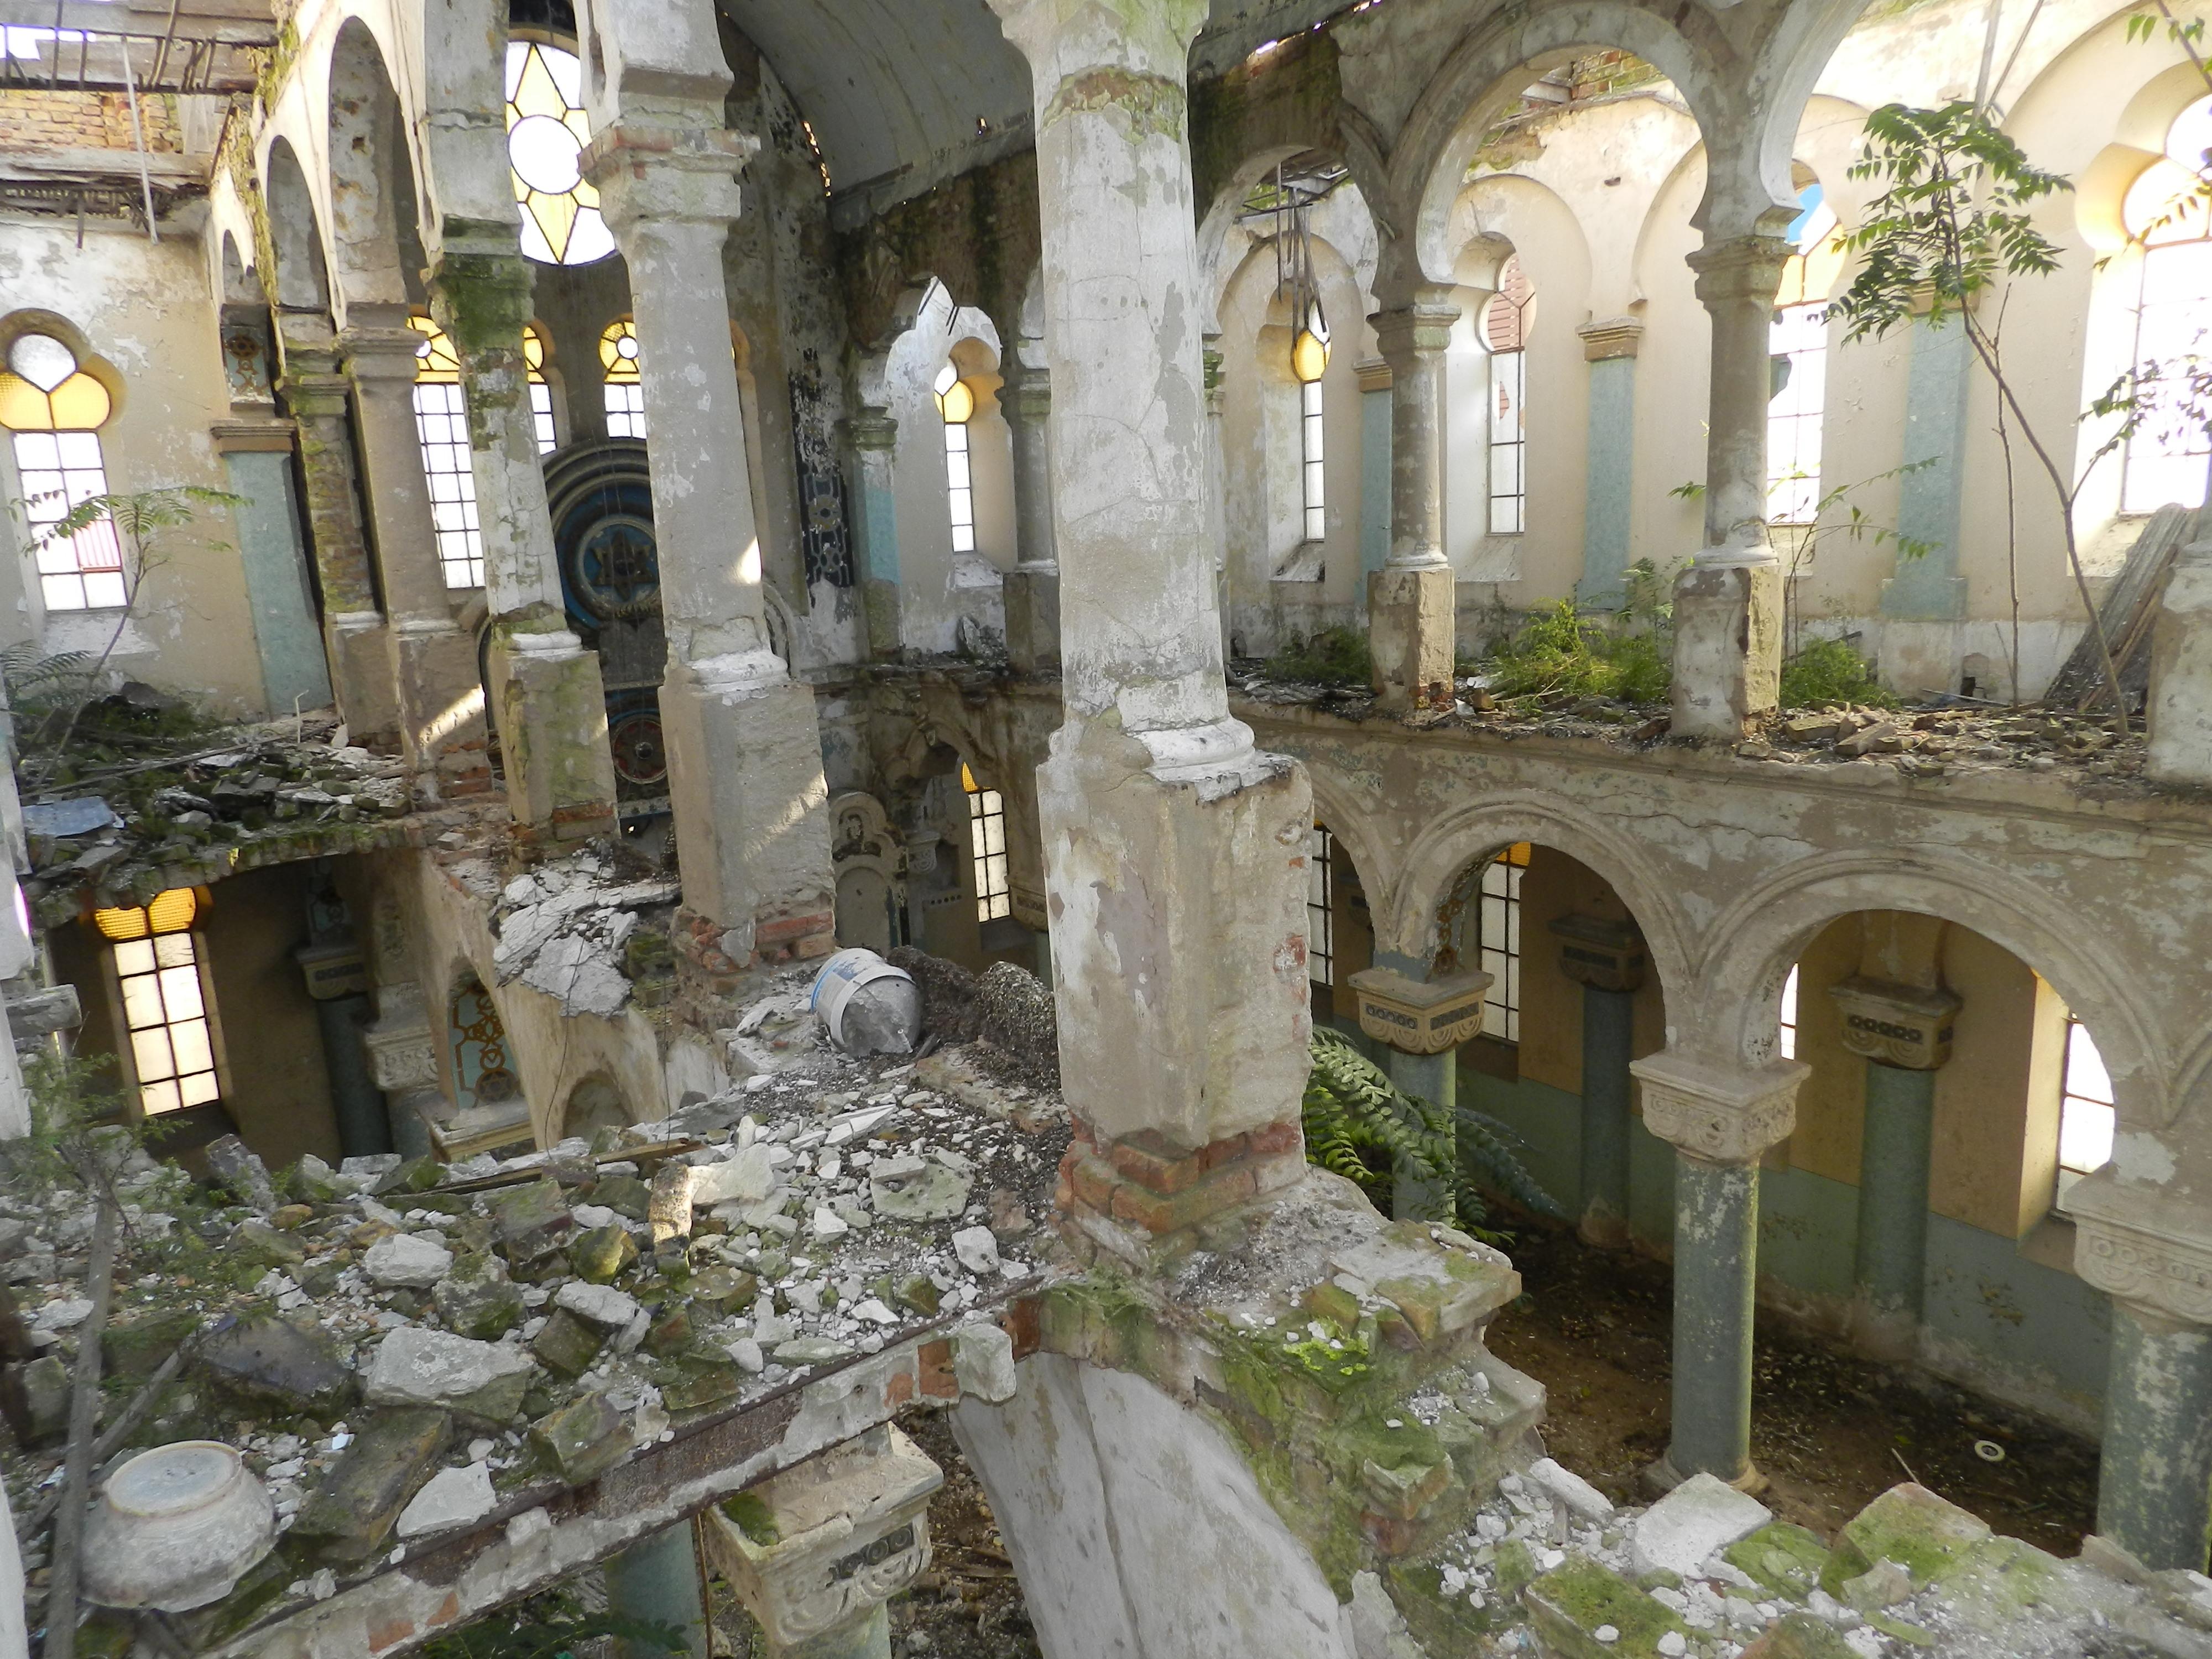 Constanta: Sinagoga askenază, în ruine de 20 de ani, ar putea fi consolidată si restaurată de Compania Națională de Investiții 3